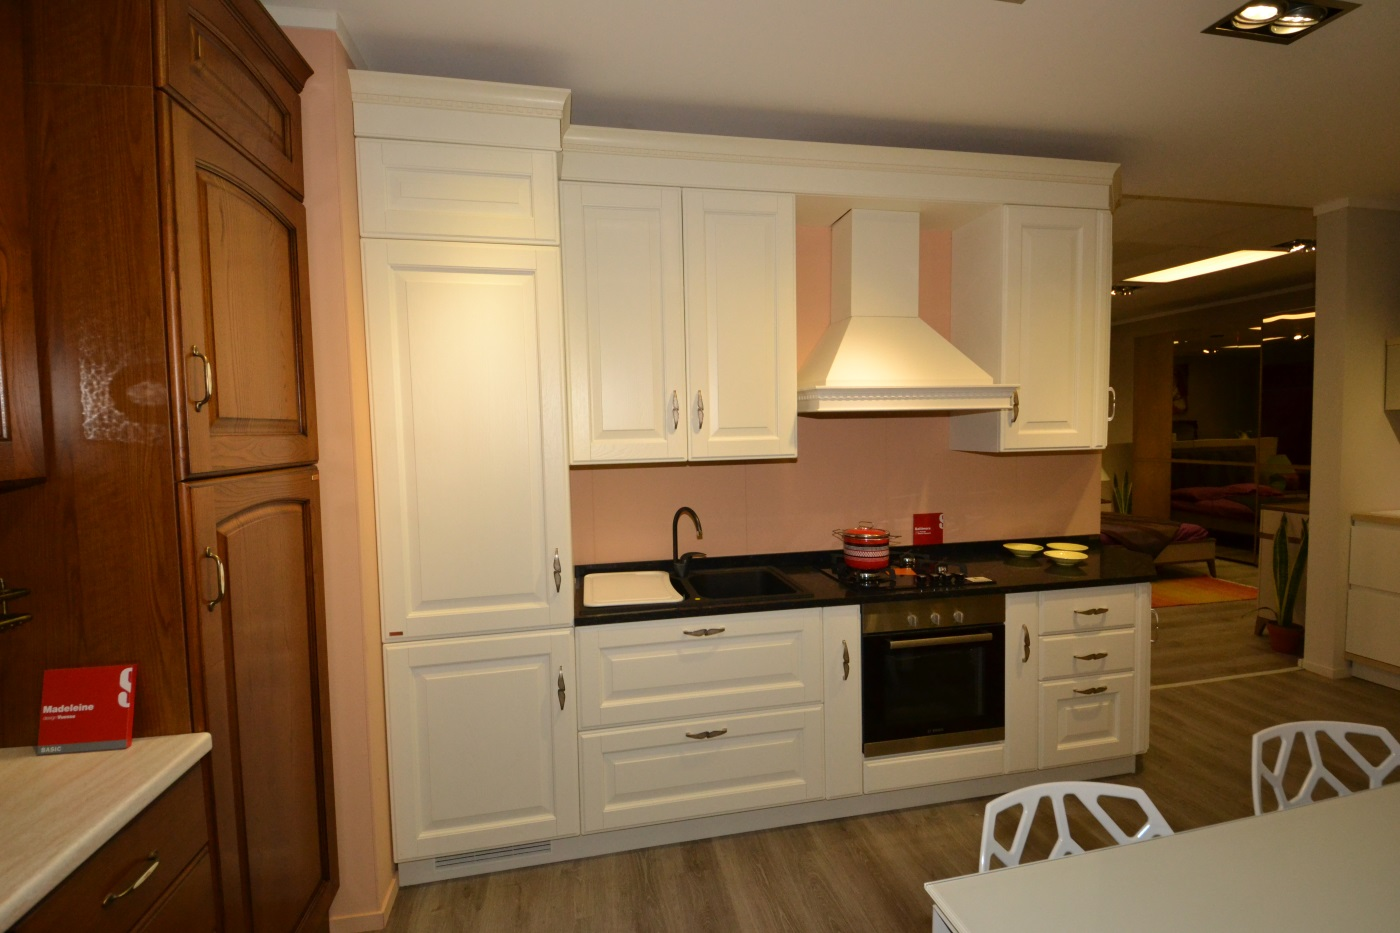 Offerta cucina scavolini modello baltimora san gaetano - Carrelli estraibili per cucine ...